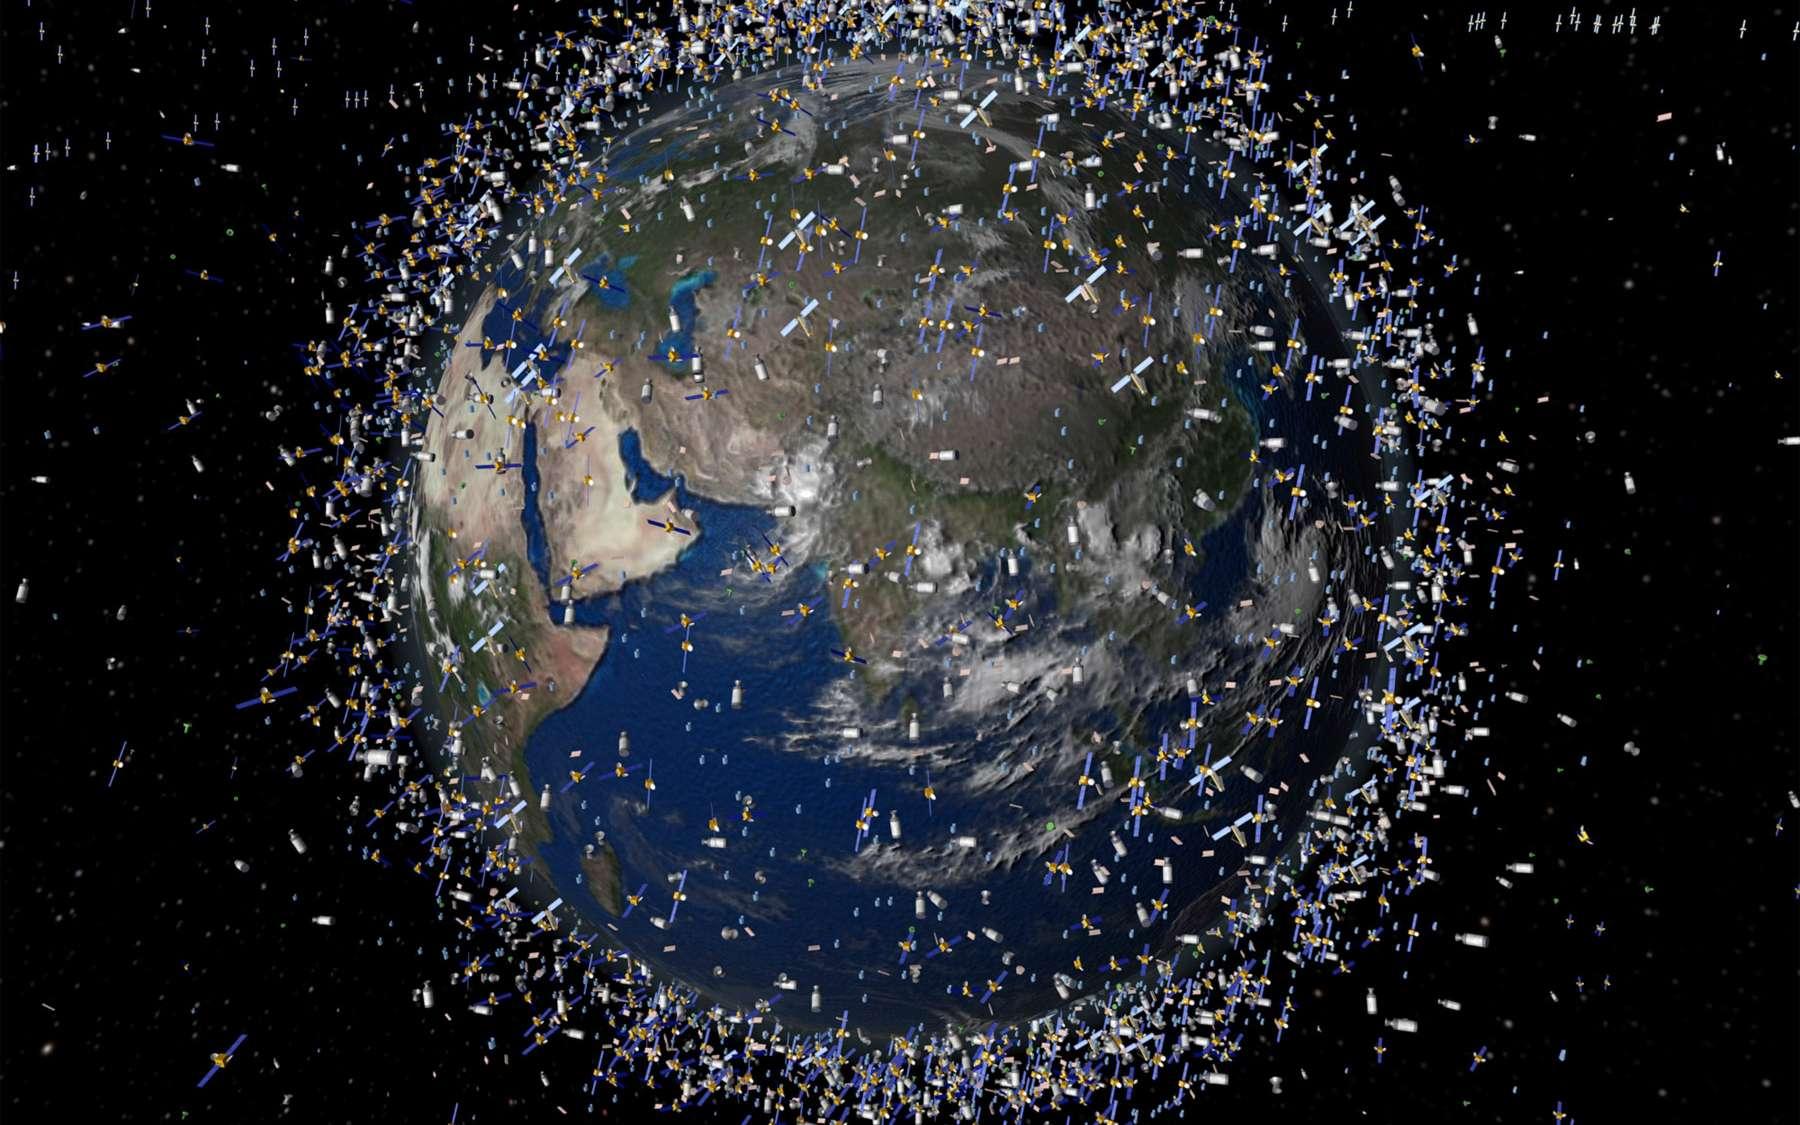 Vision d'artiste des débris spatiaux présents autour de la Terre, aux alentours de 2.000 km d'altitude. Un laser géant fait partie des solutions envisagées pour réduire les nuisances de ces débris sur les satellites. © Esa